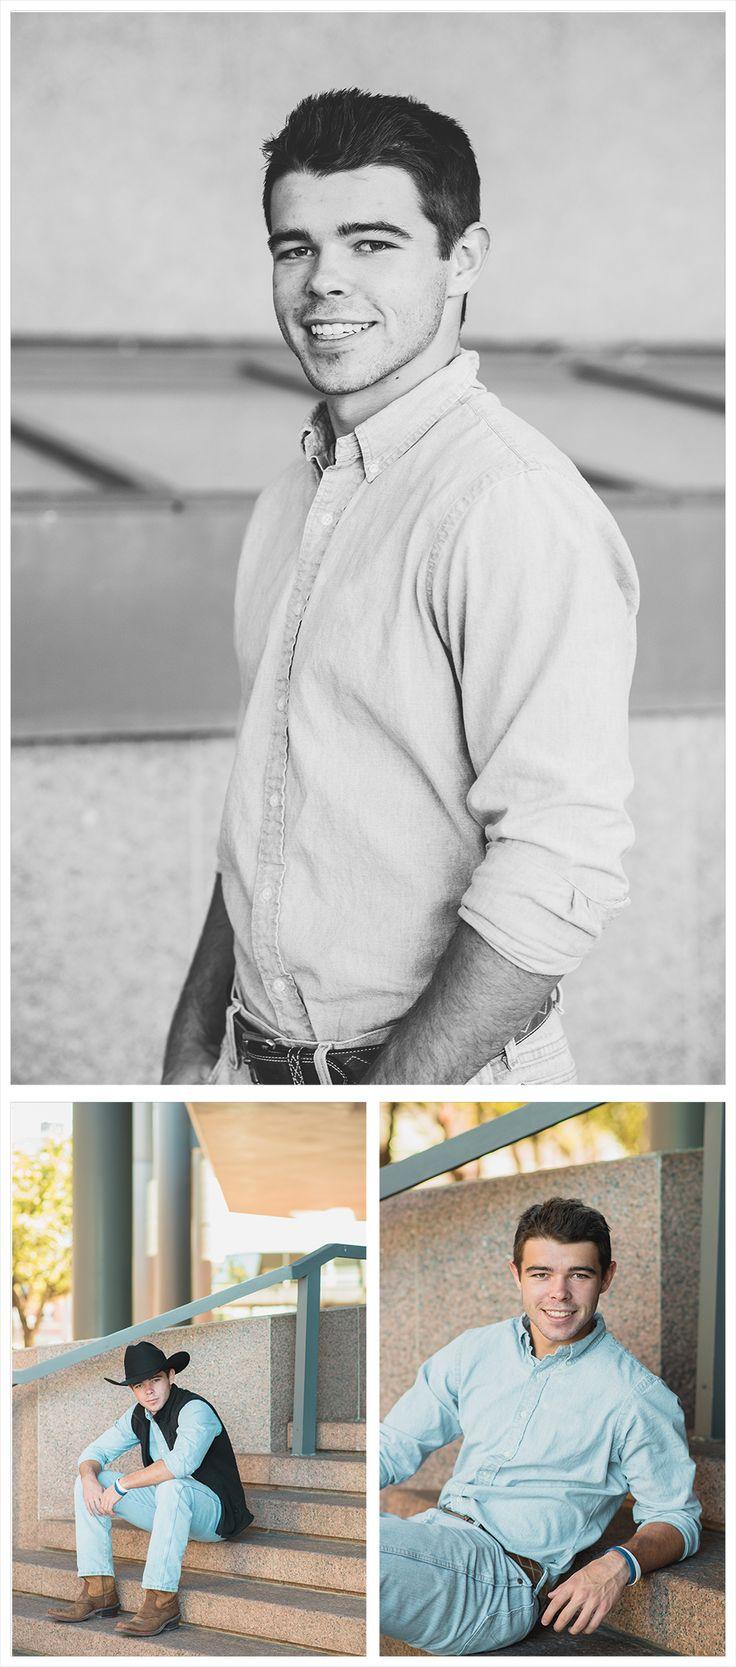 Senior portrait ideas, senior portrait photography, senior images, senior session, boy pose, male senior, guy senior, senior poses, creative, unique, cute guy senior pictures, urban cowboy, black cowboy hat, cowboy senior pictures, downtown